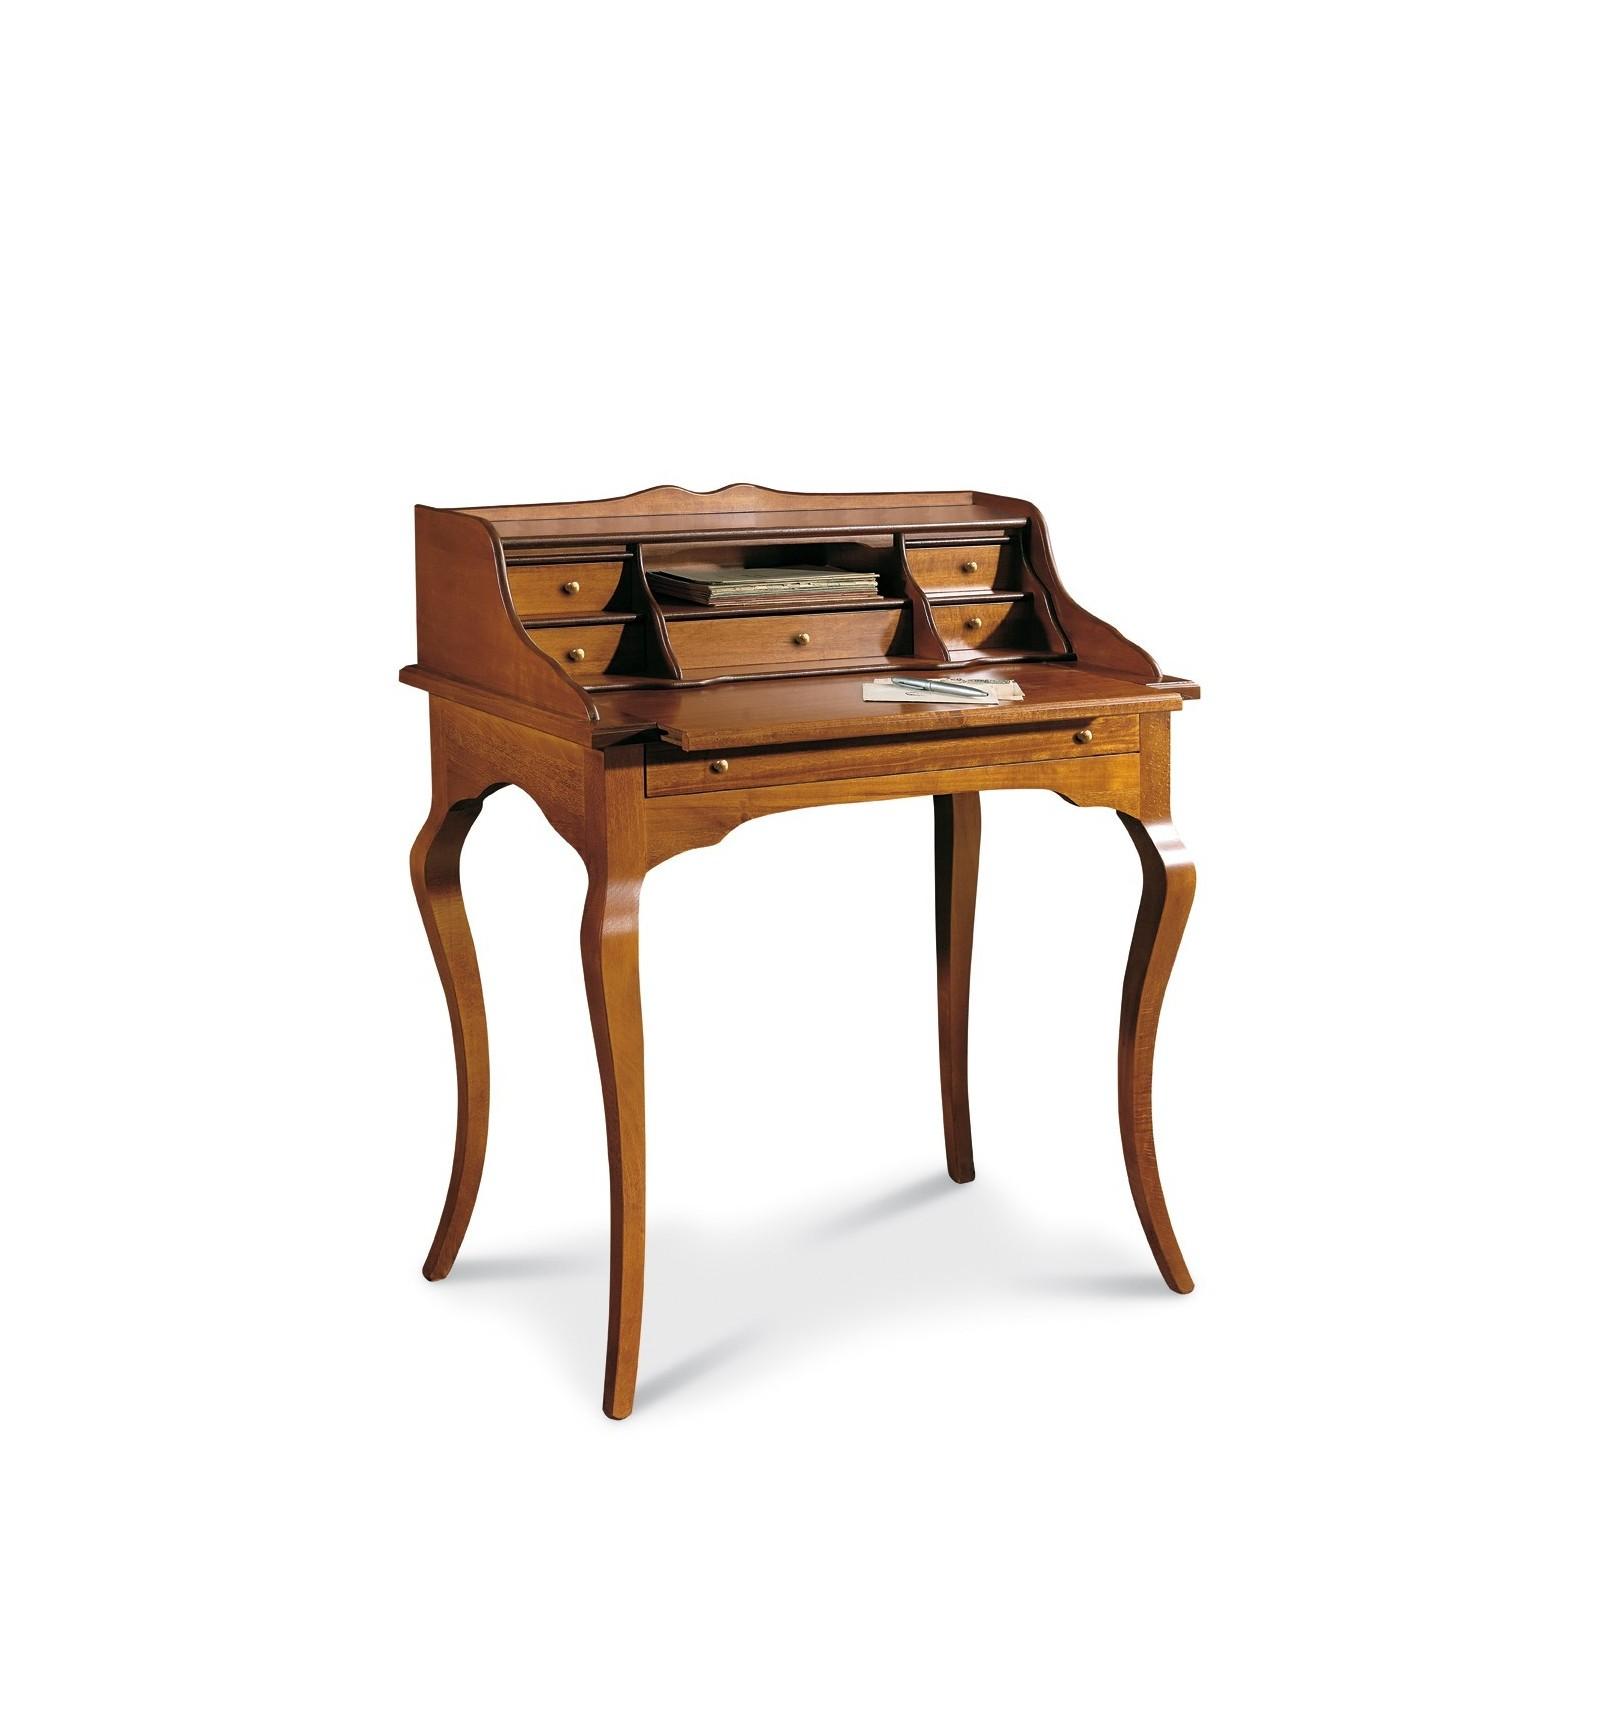 Scrittoio Per Scrivania.Scrittoio Scrivania 7 Cassetti Piano Estraibile Classico Noce W532 N